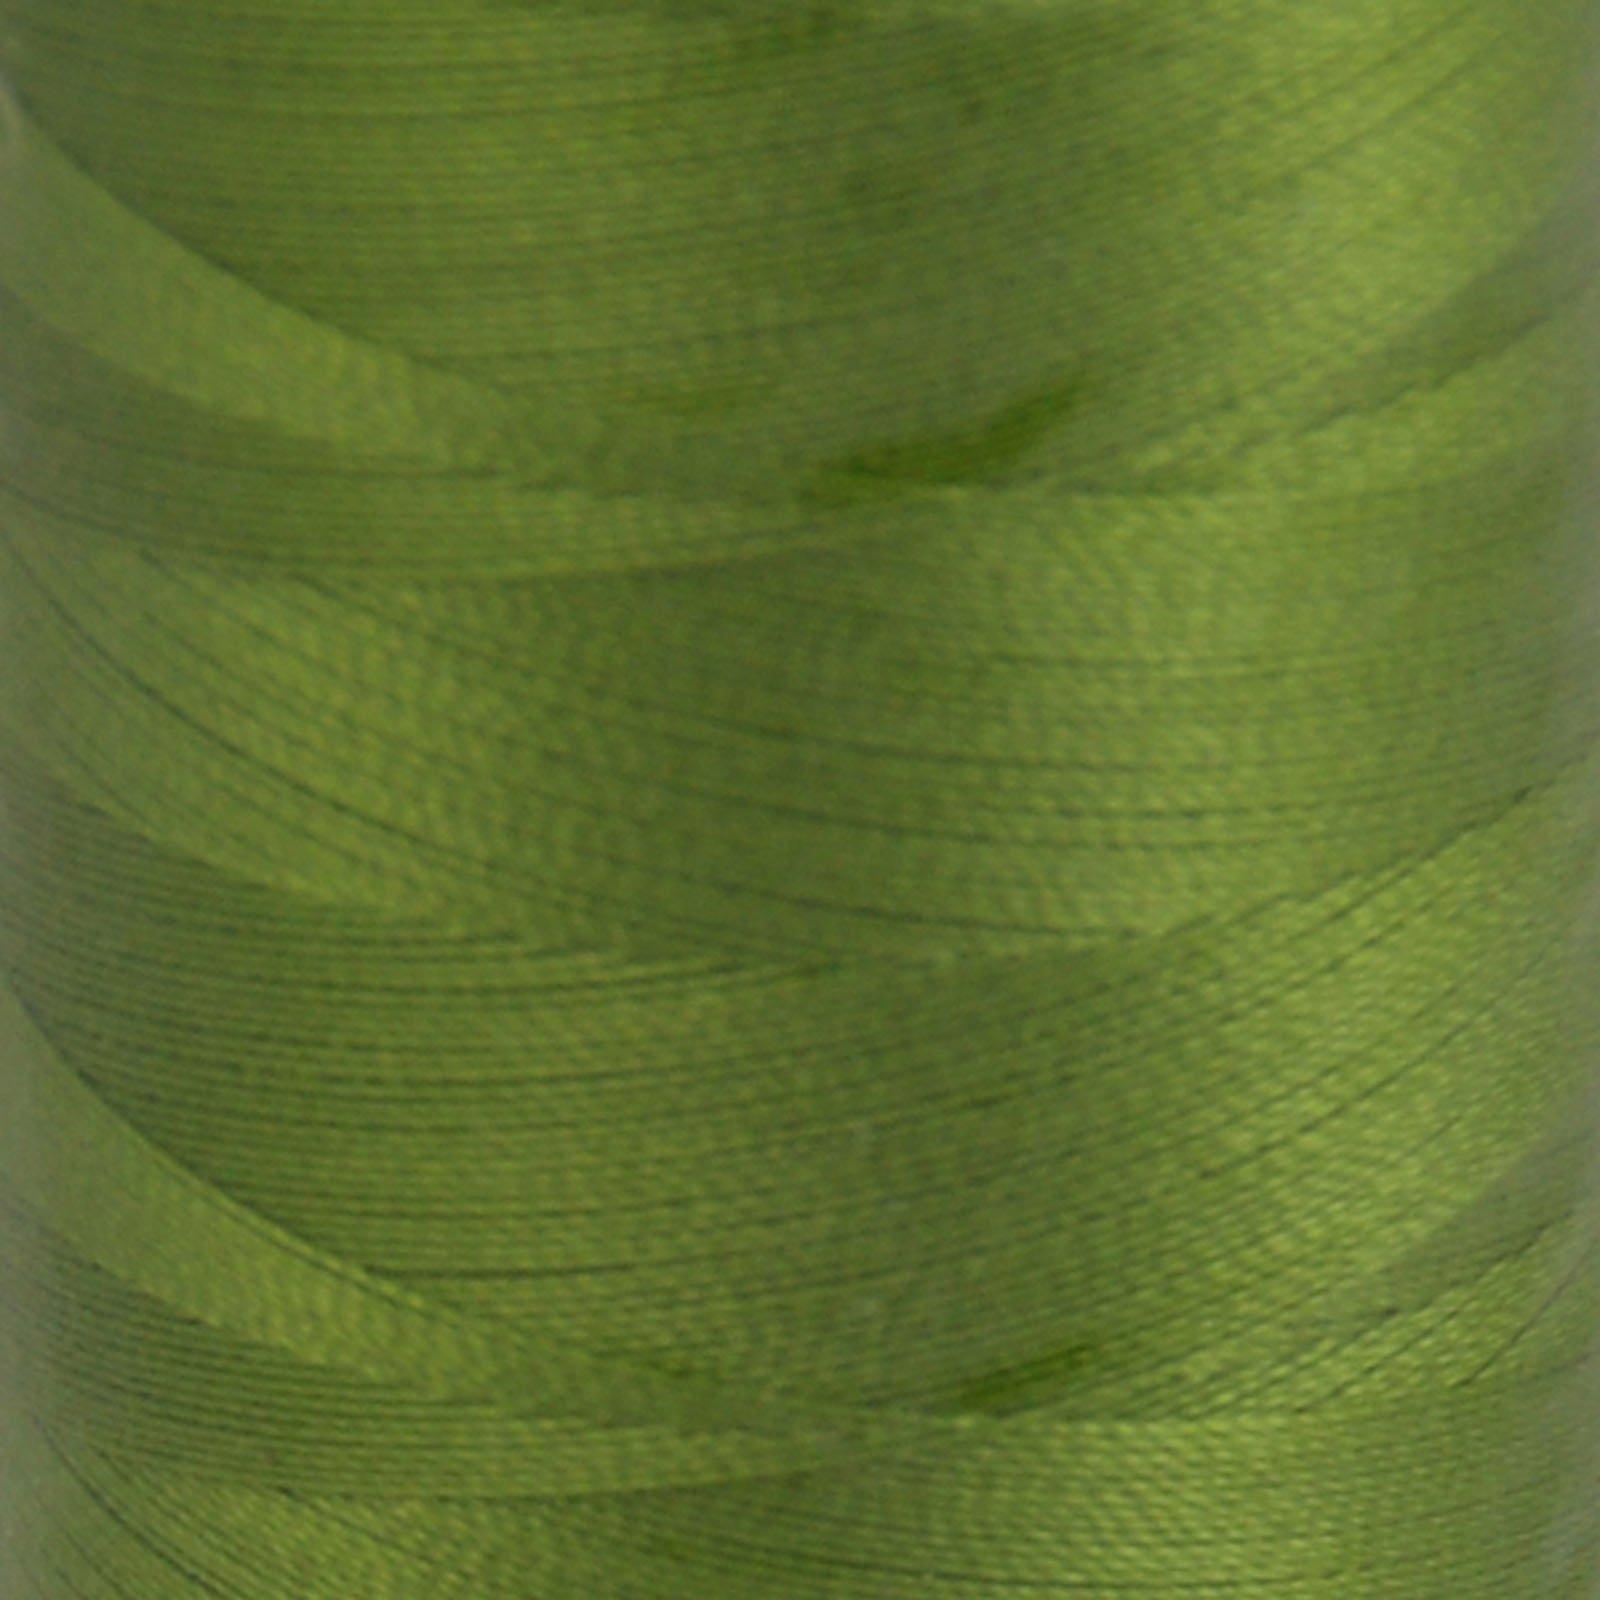 # 2888 Fern Green